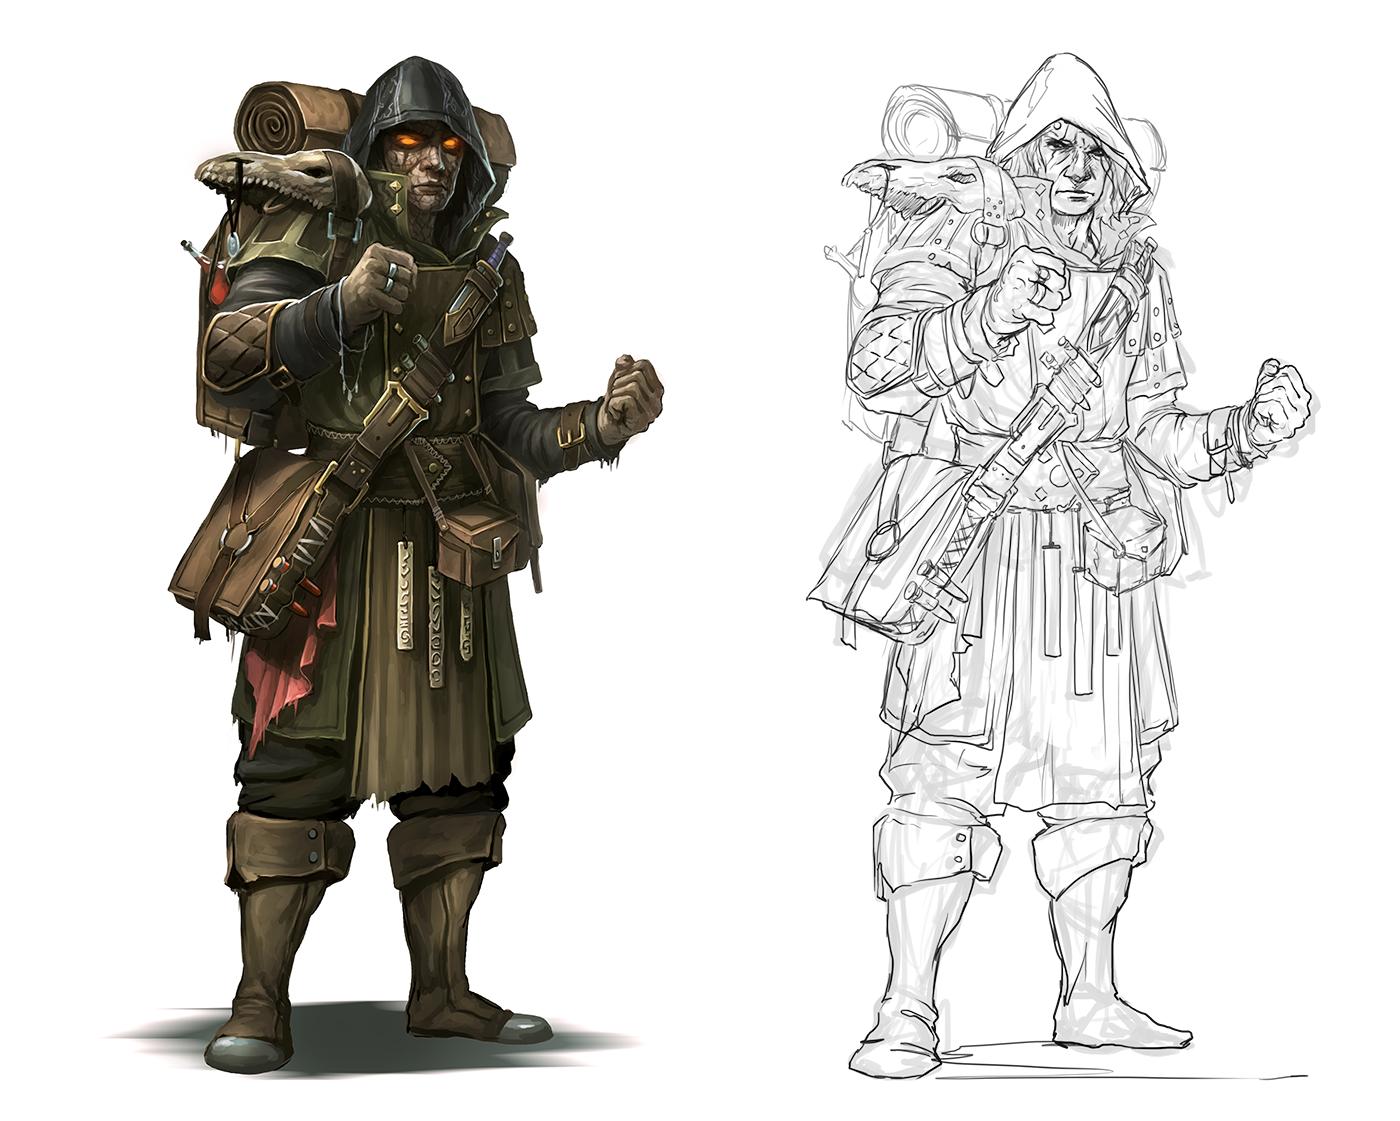 Idris the Alchemist